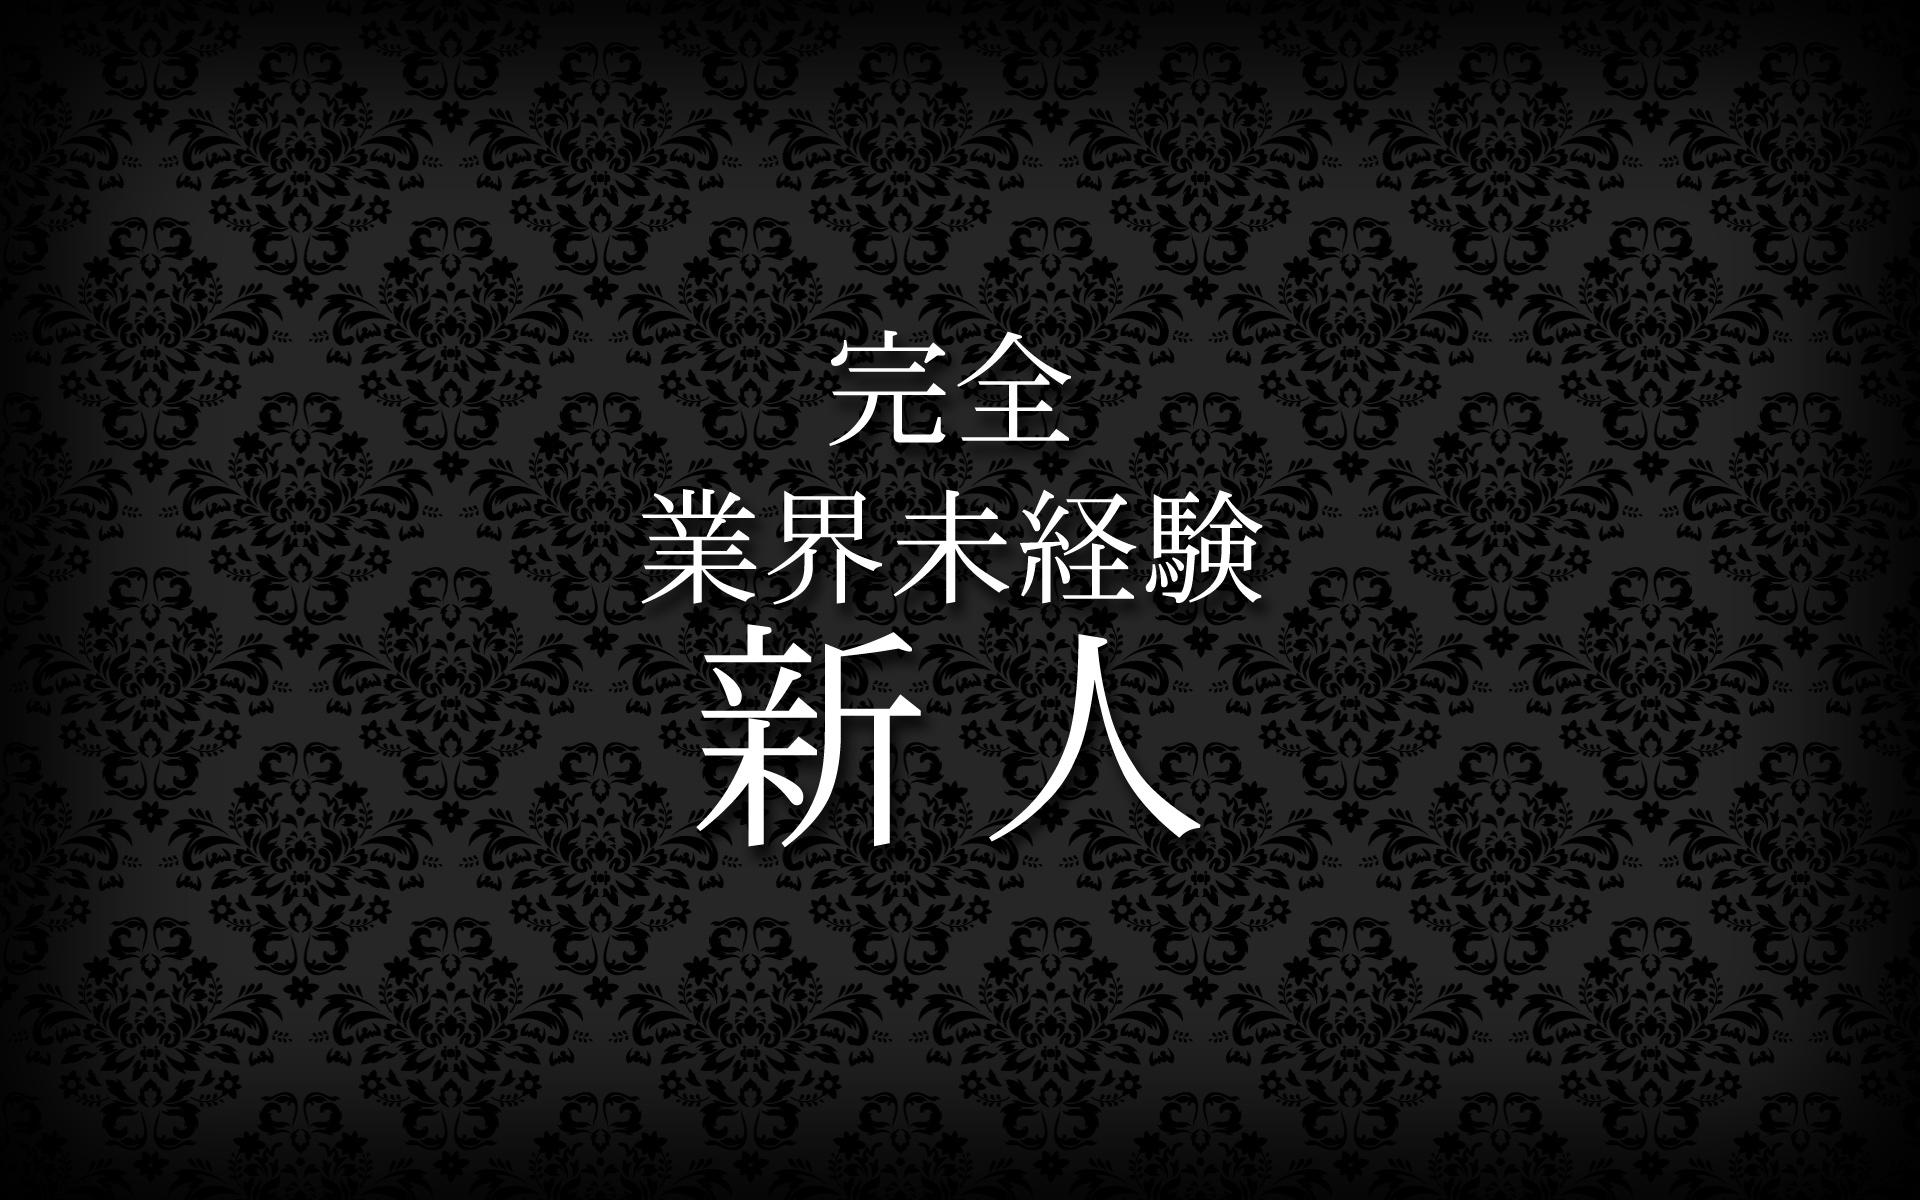 船橋デリヘル 風俗|人妻デリバリーヘルス『秘密倶楽部 凛 船橋店』